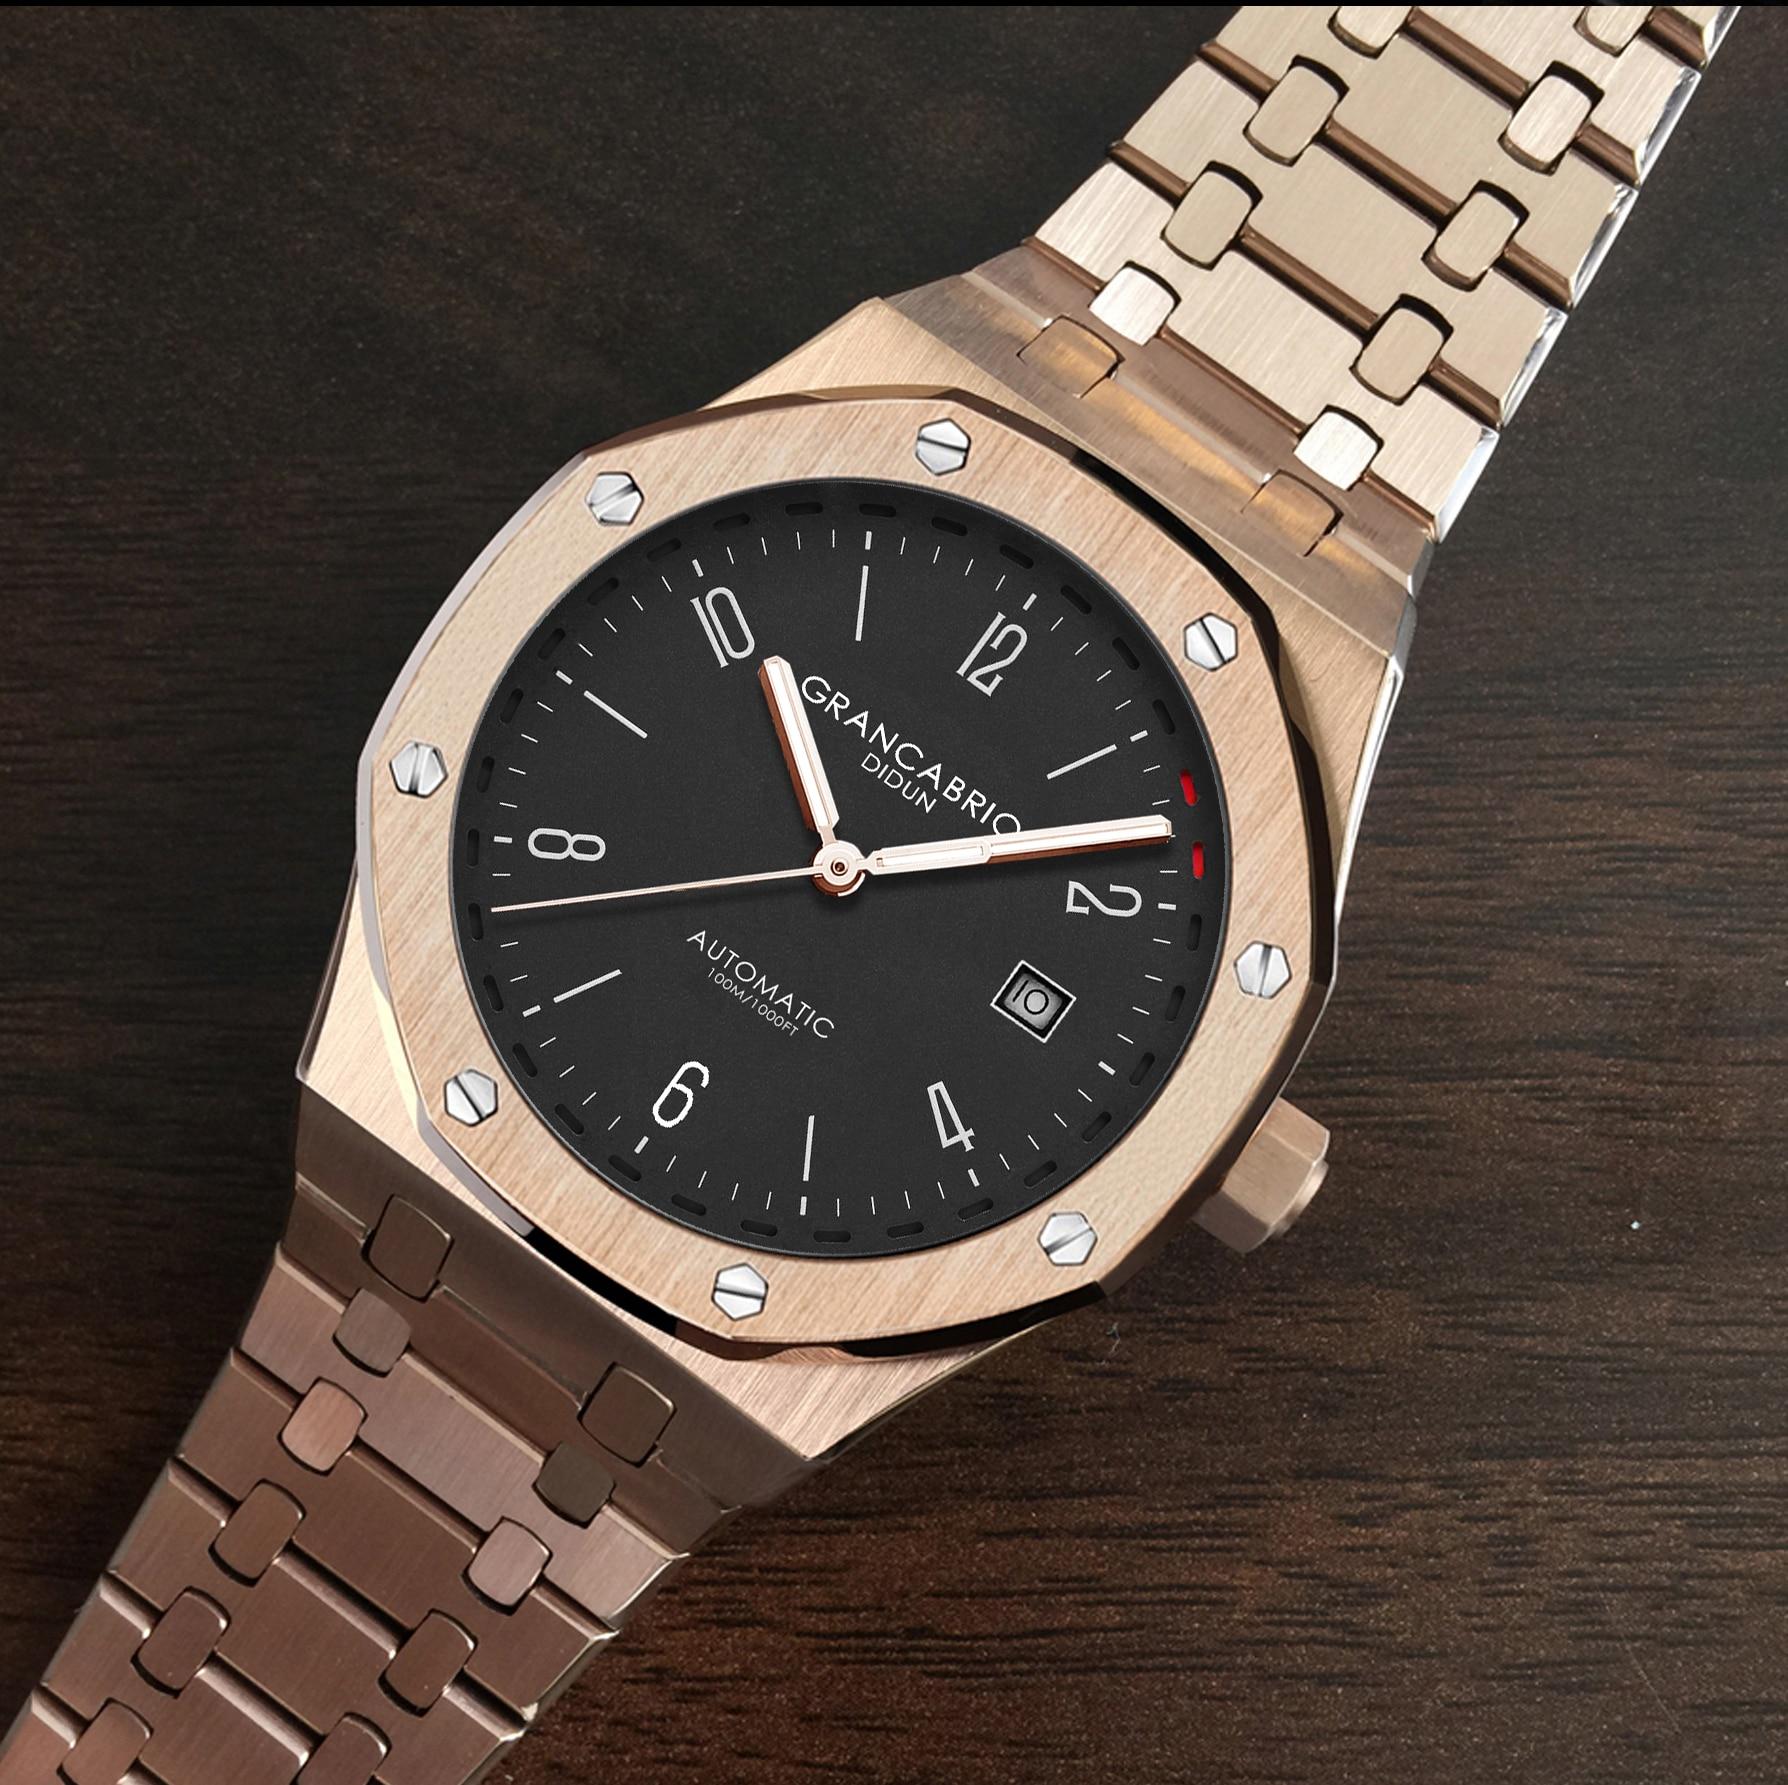 Didun 남자 자동 기계식 시계 톱 브랜드 럭셔리 시계 남자 철강 육군 군사 시계 남성 비즈니스 방수 손목 시계-에서기계식 시계부터 시계 의  그룹 1